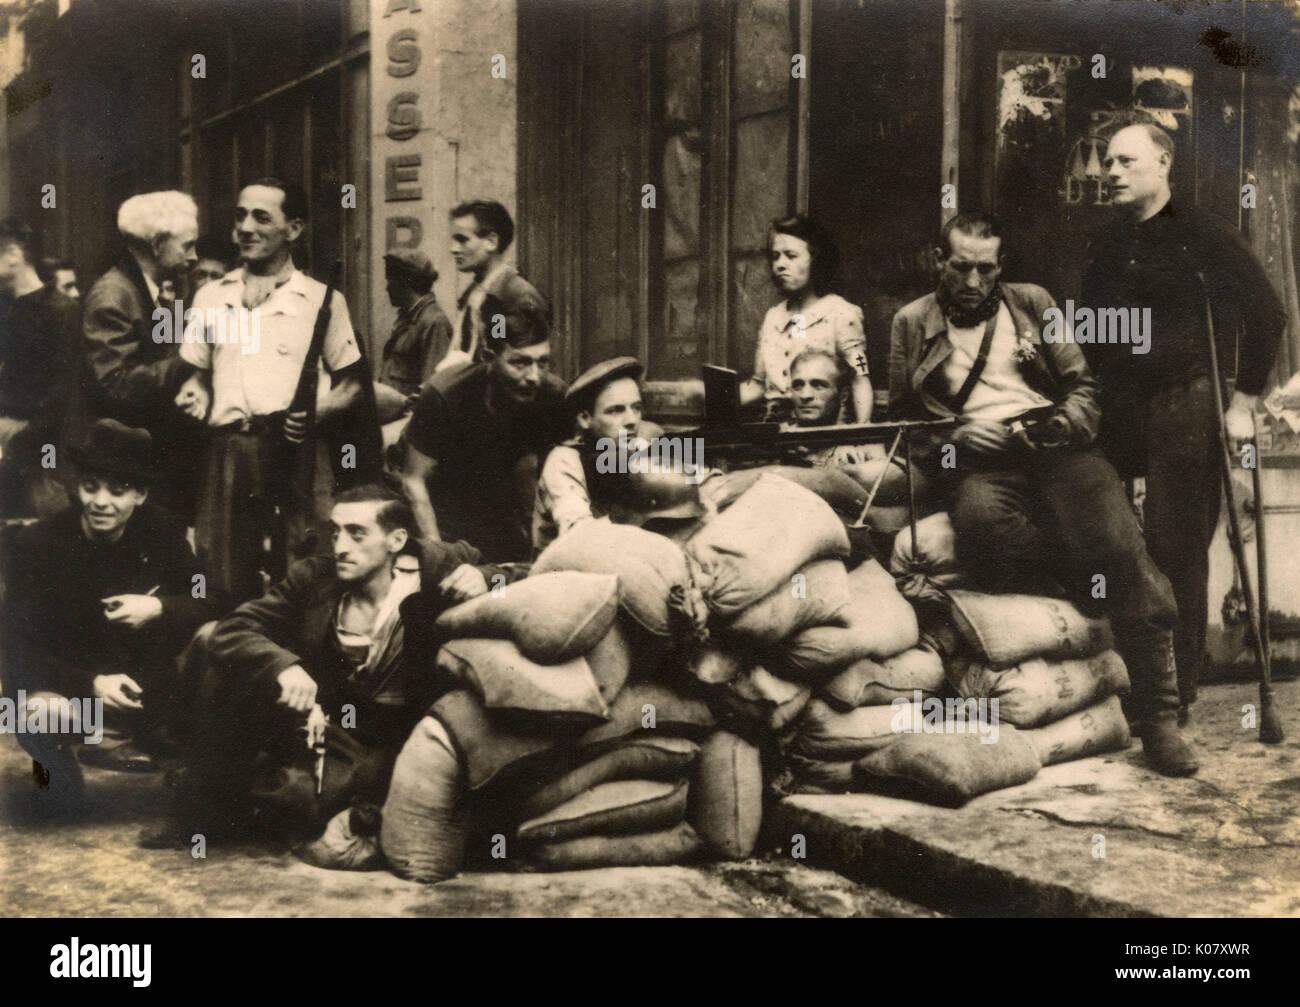 ';El hombre las barricadas!'; Este grito que sonó el lunes, 21 de agosto, 1944. Esta magnífica fotografía muestra los hombres manning una barricada en el barrio Cite tripulada por algunos suave parisinos armado con una ametralladora en la preparación para la batalla por la liberación de París. Fecha: 1944 Foto de stock